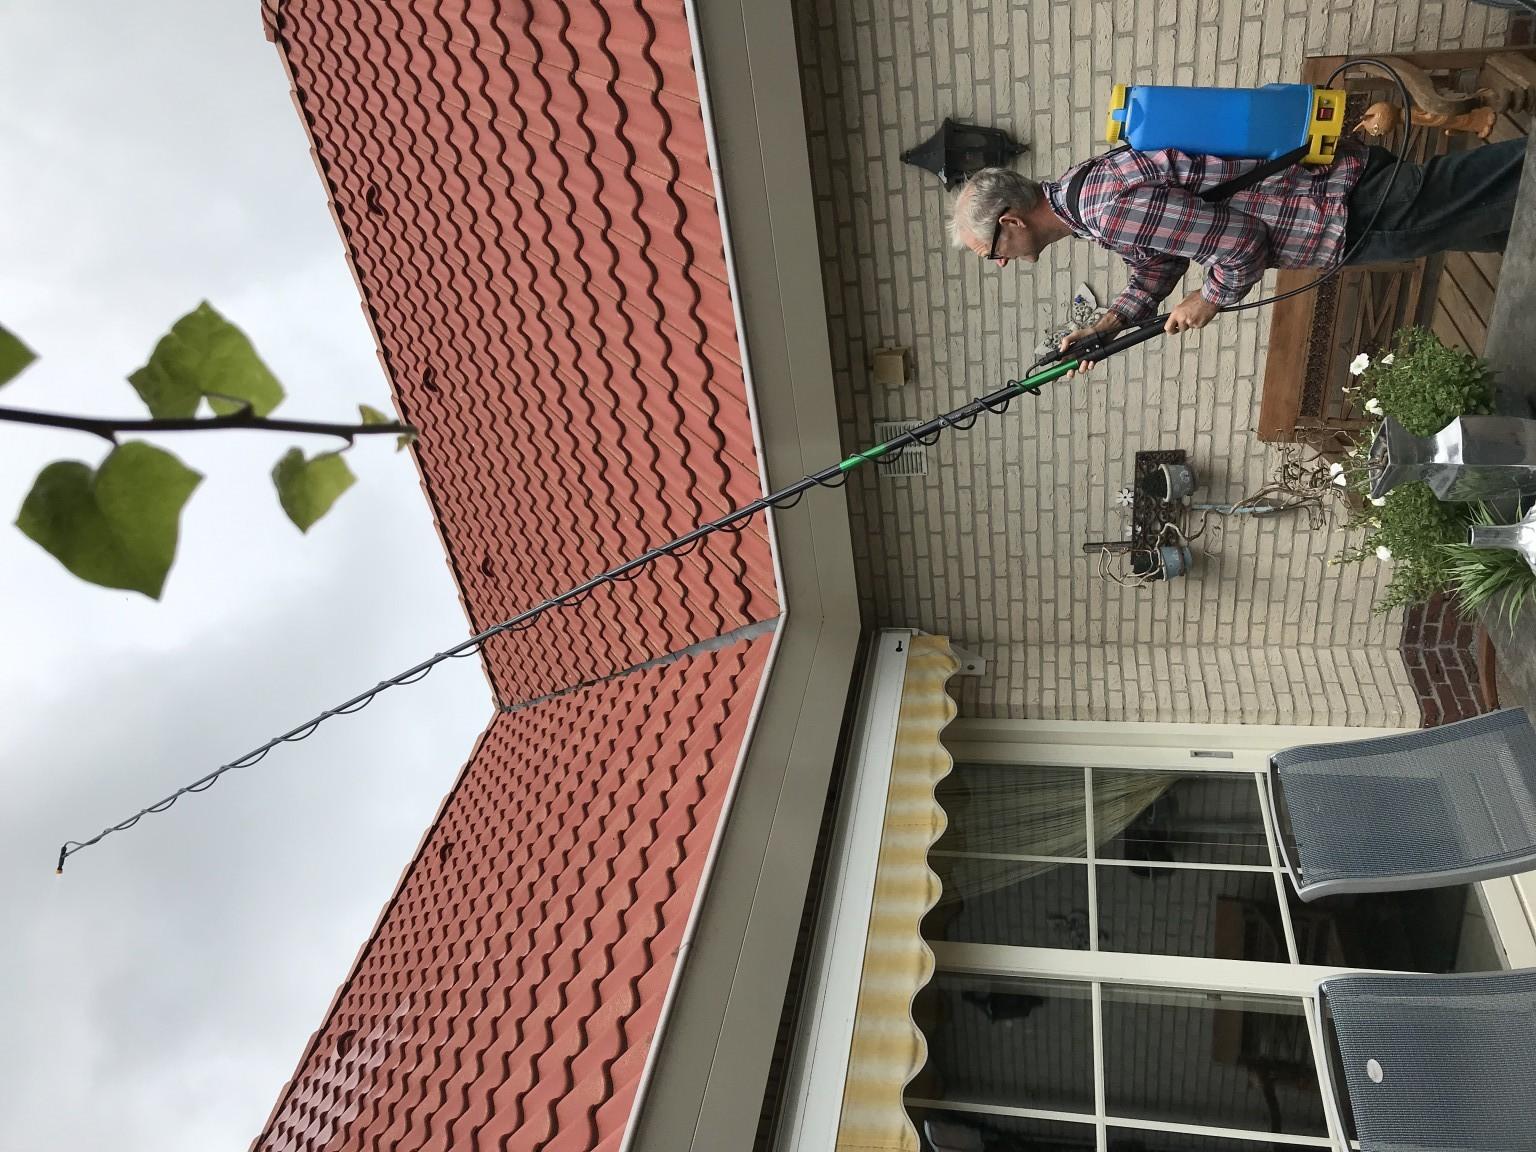 Zelf dak reinigen met biomos.png